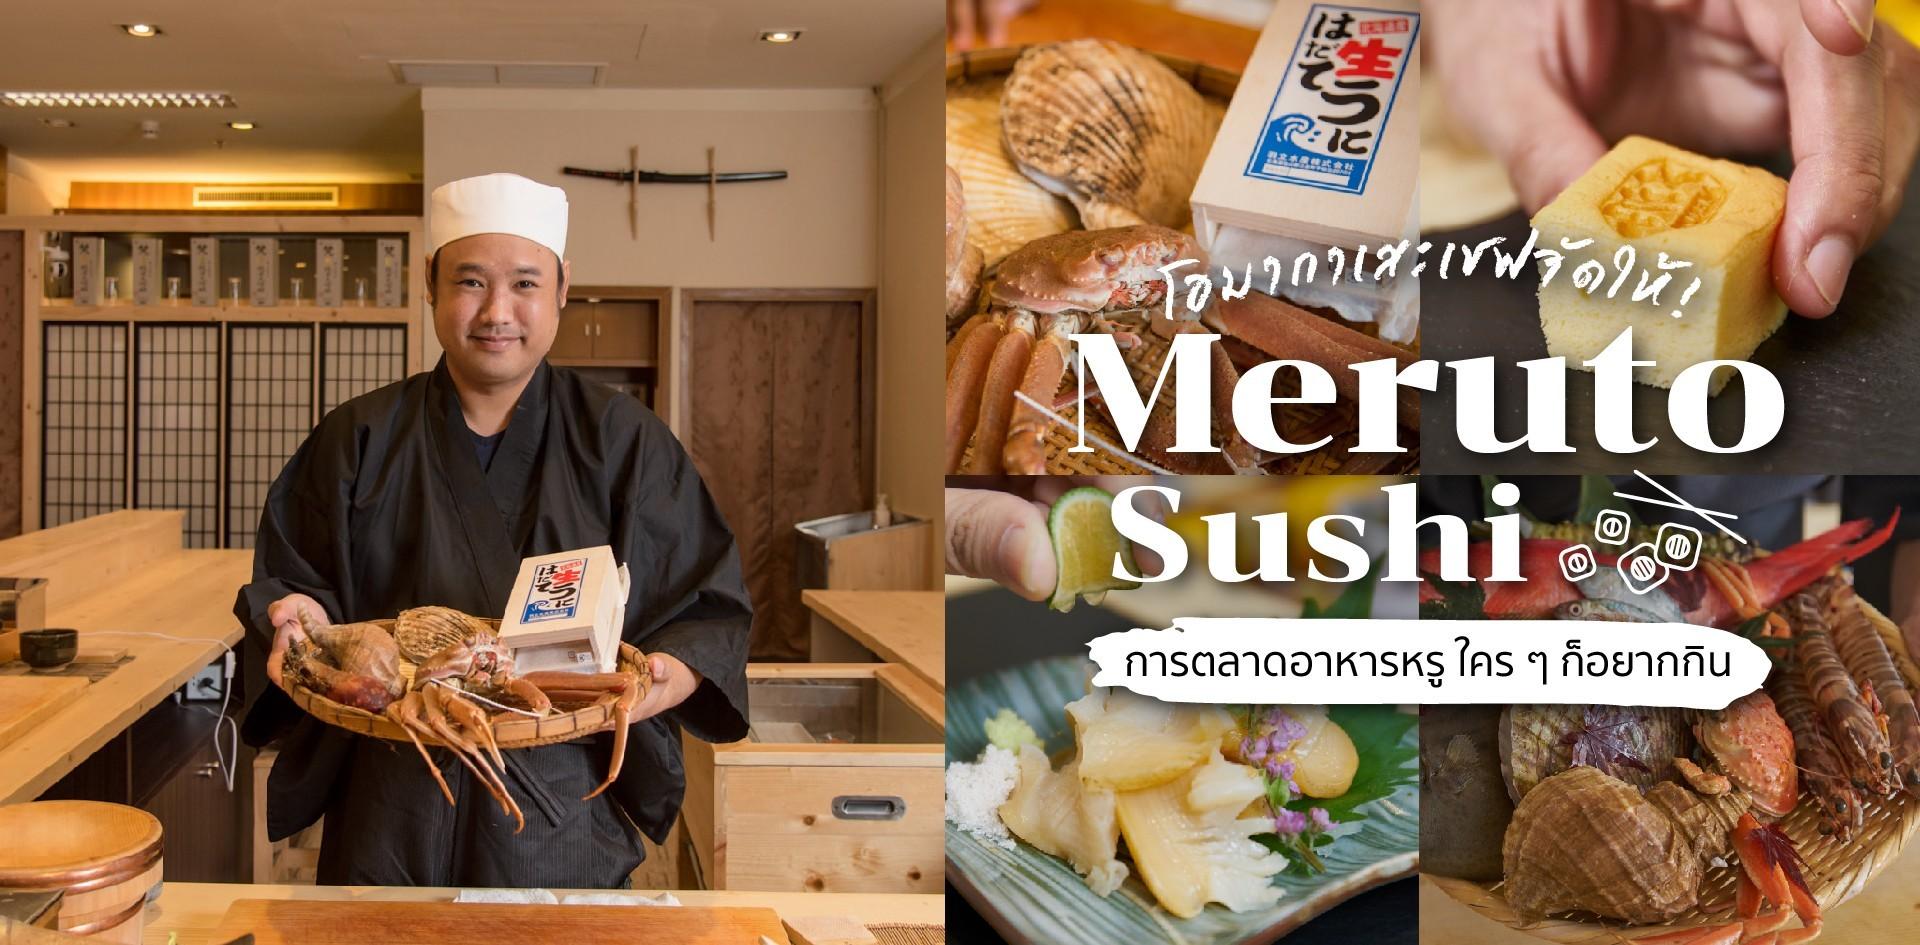 Meruto Sushi ร้านโอมากาเสะกับการตลาดอาหารหรูที่ทำให้ใคร ๆ ก็อยากกิน!